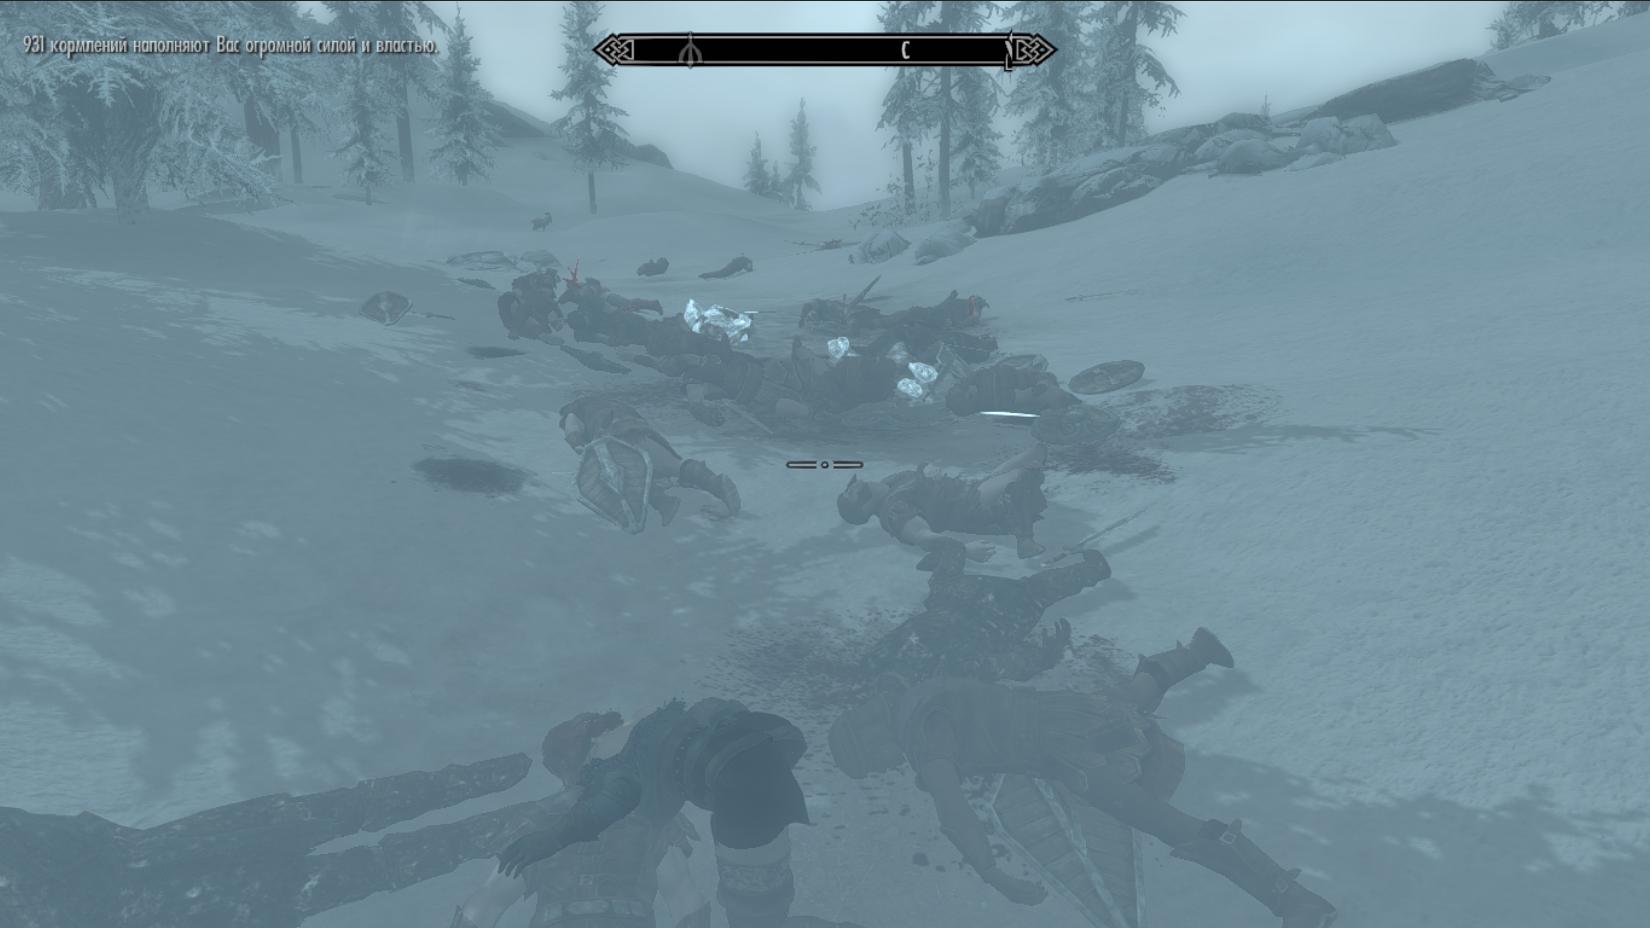 Пир после битвы! Но рекой течёт не вино, а кровь. - Elder Scrolls 5: Skyrim, the